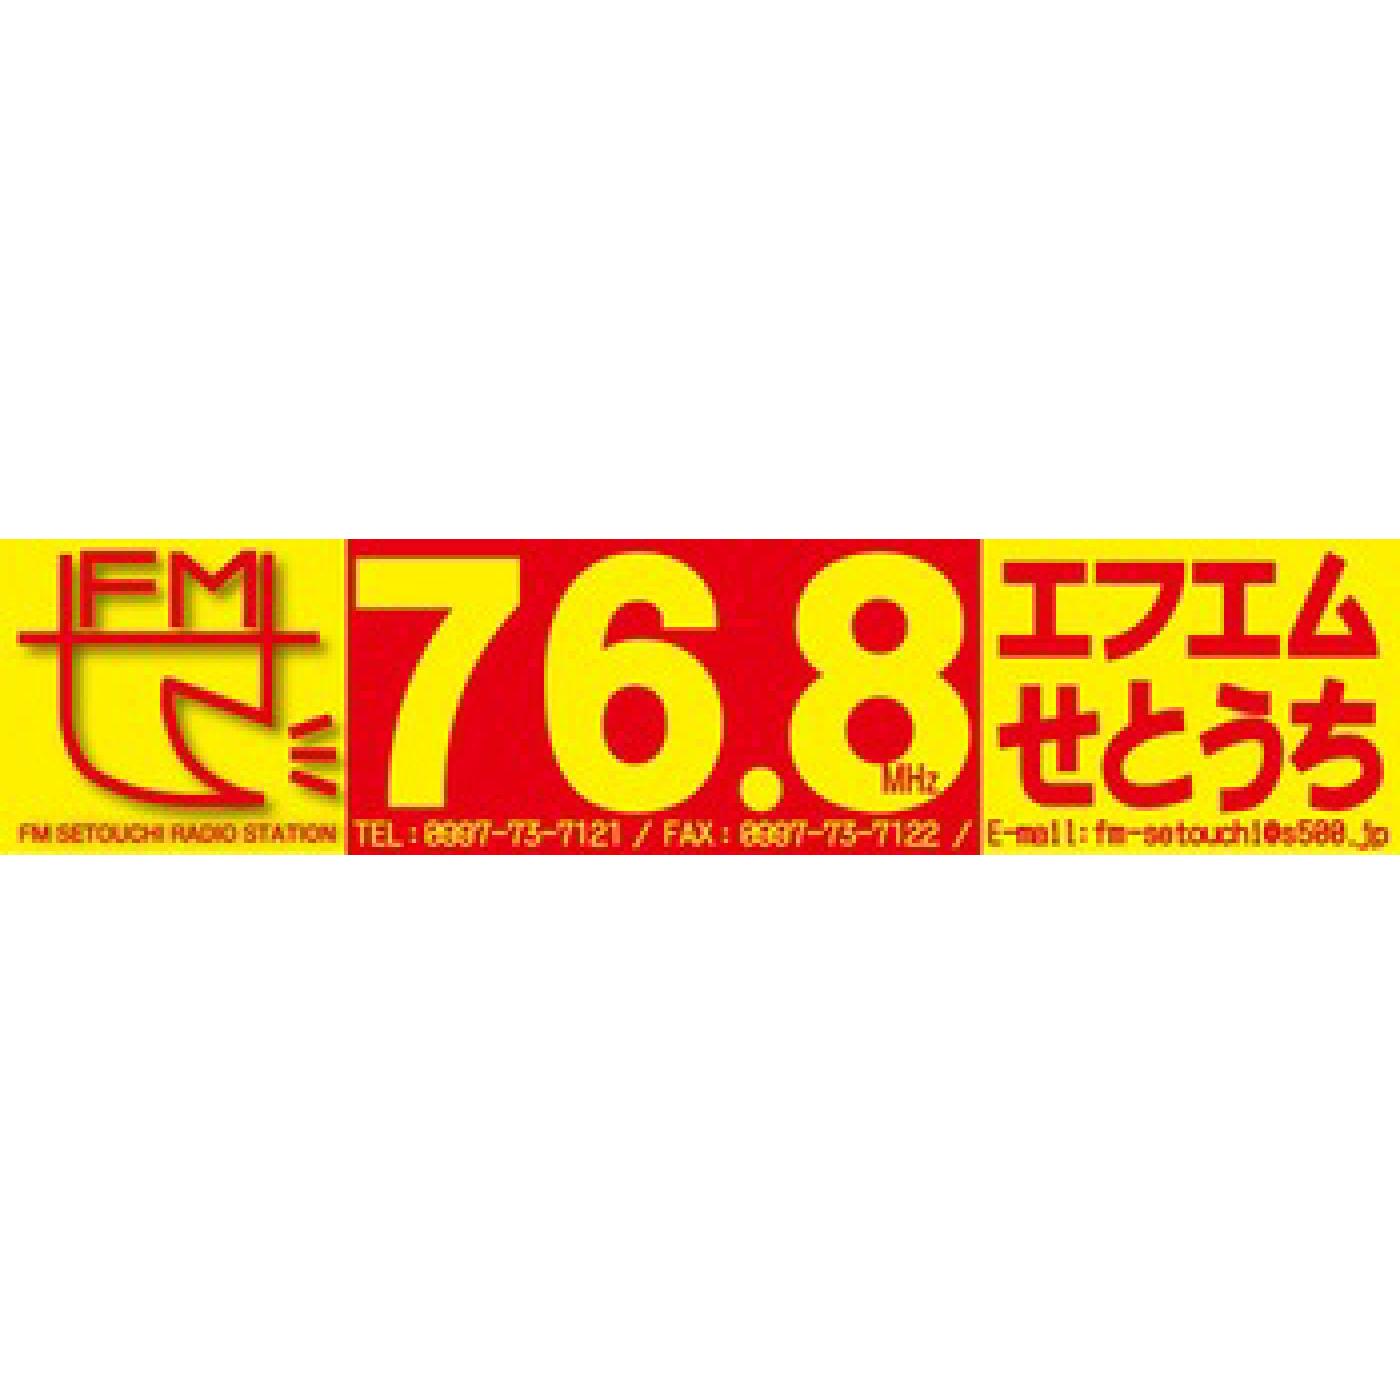 エフエムせとうち 76.8MHz(瀬戸内町)